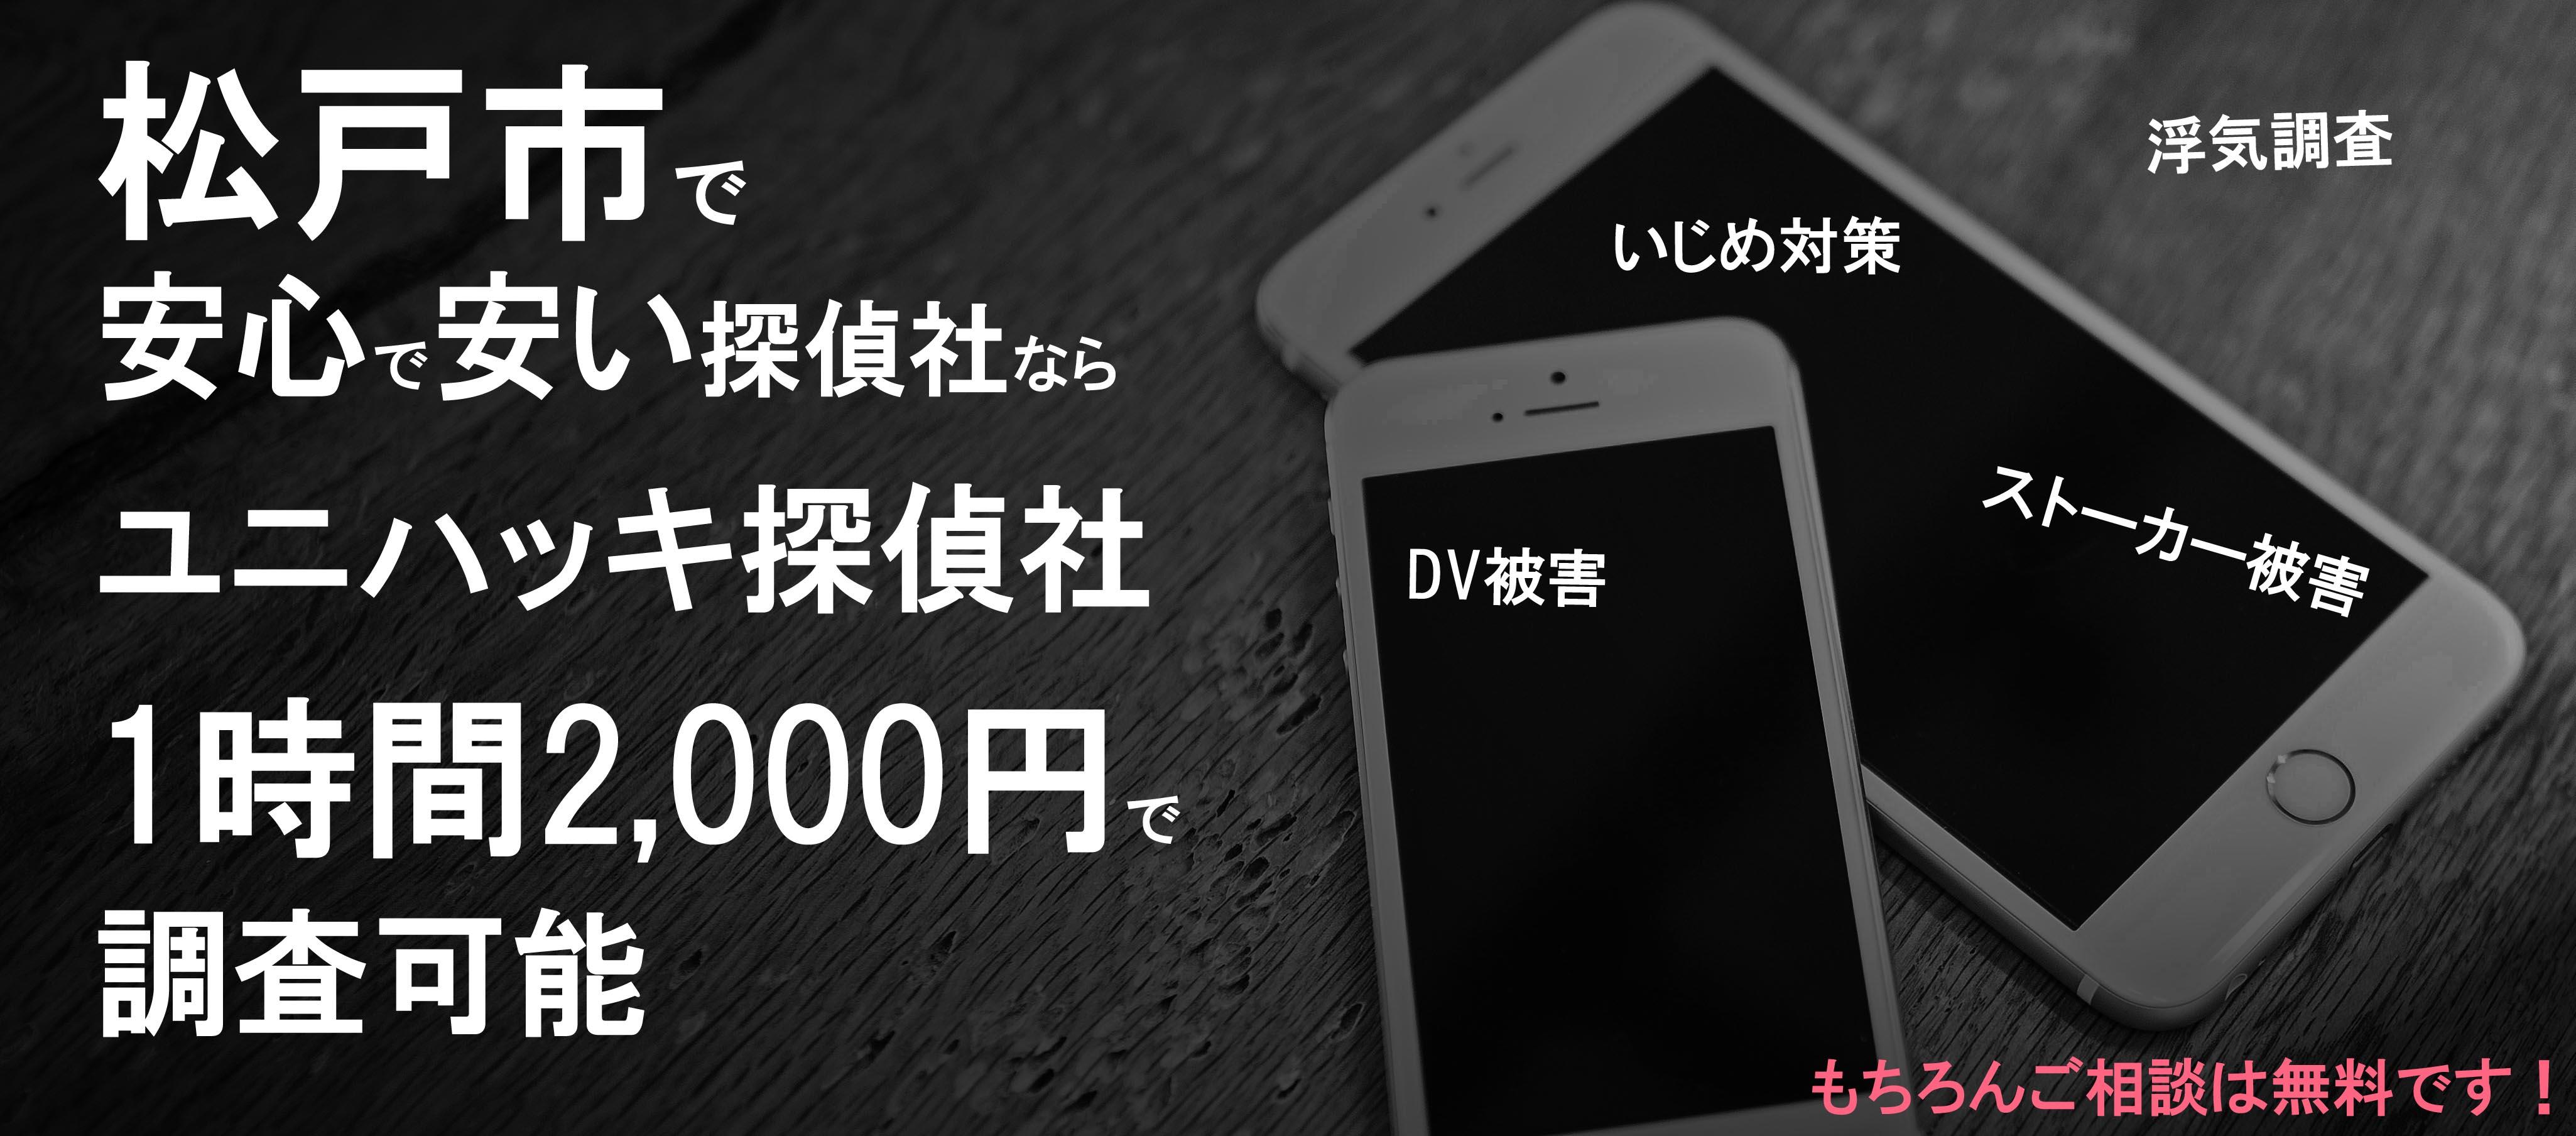 松戸で探偵なら1時間2000円で調査